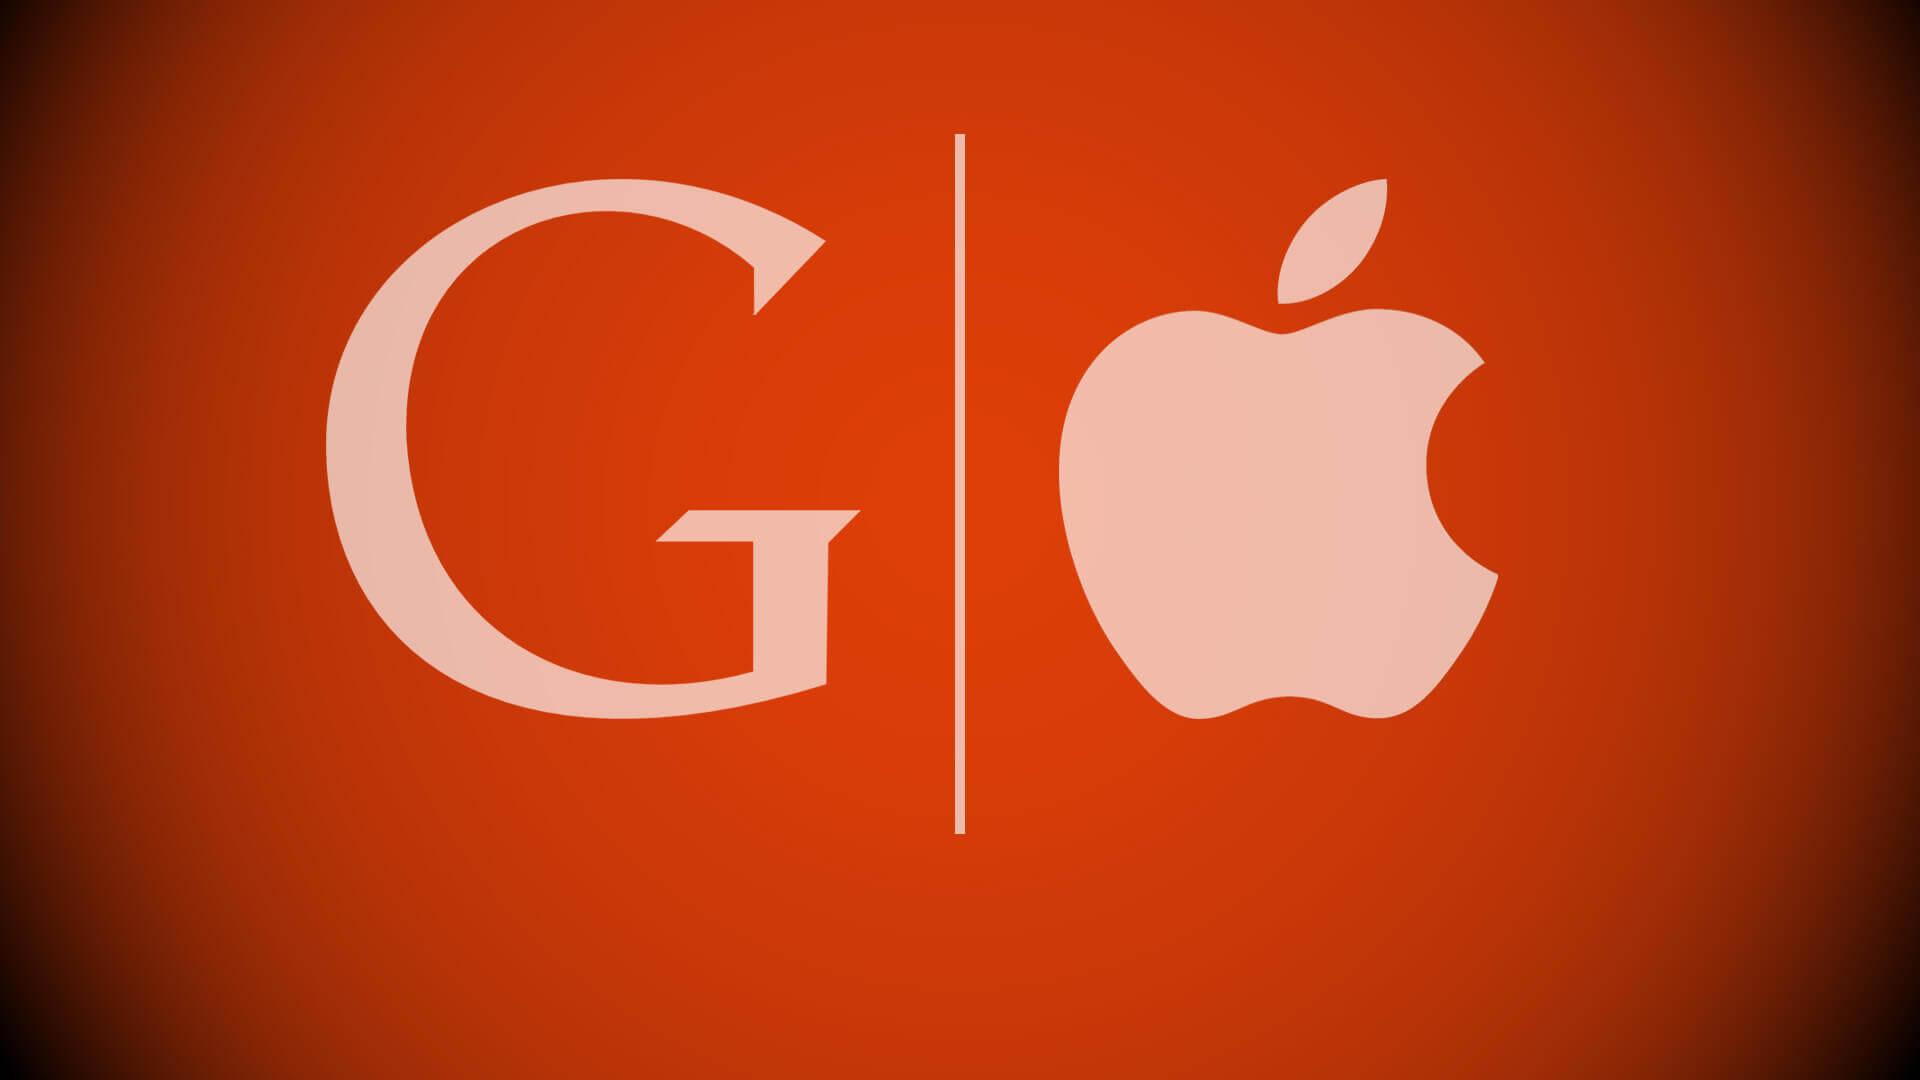 Apple e Google lideram ranking das marcas mais valiosas do mundo